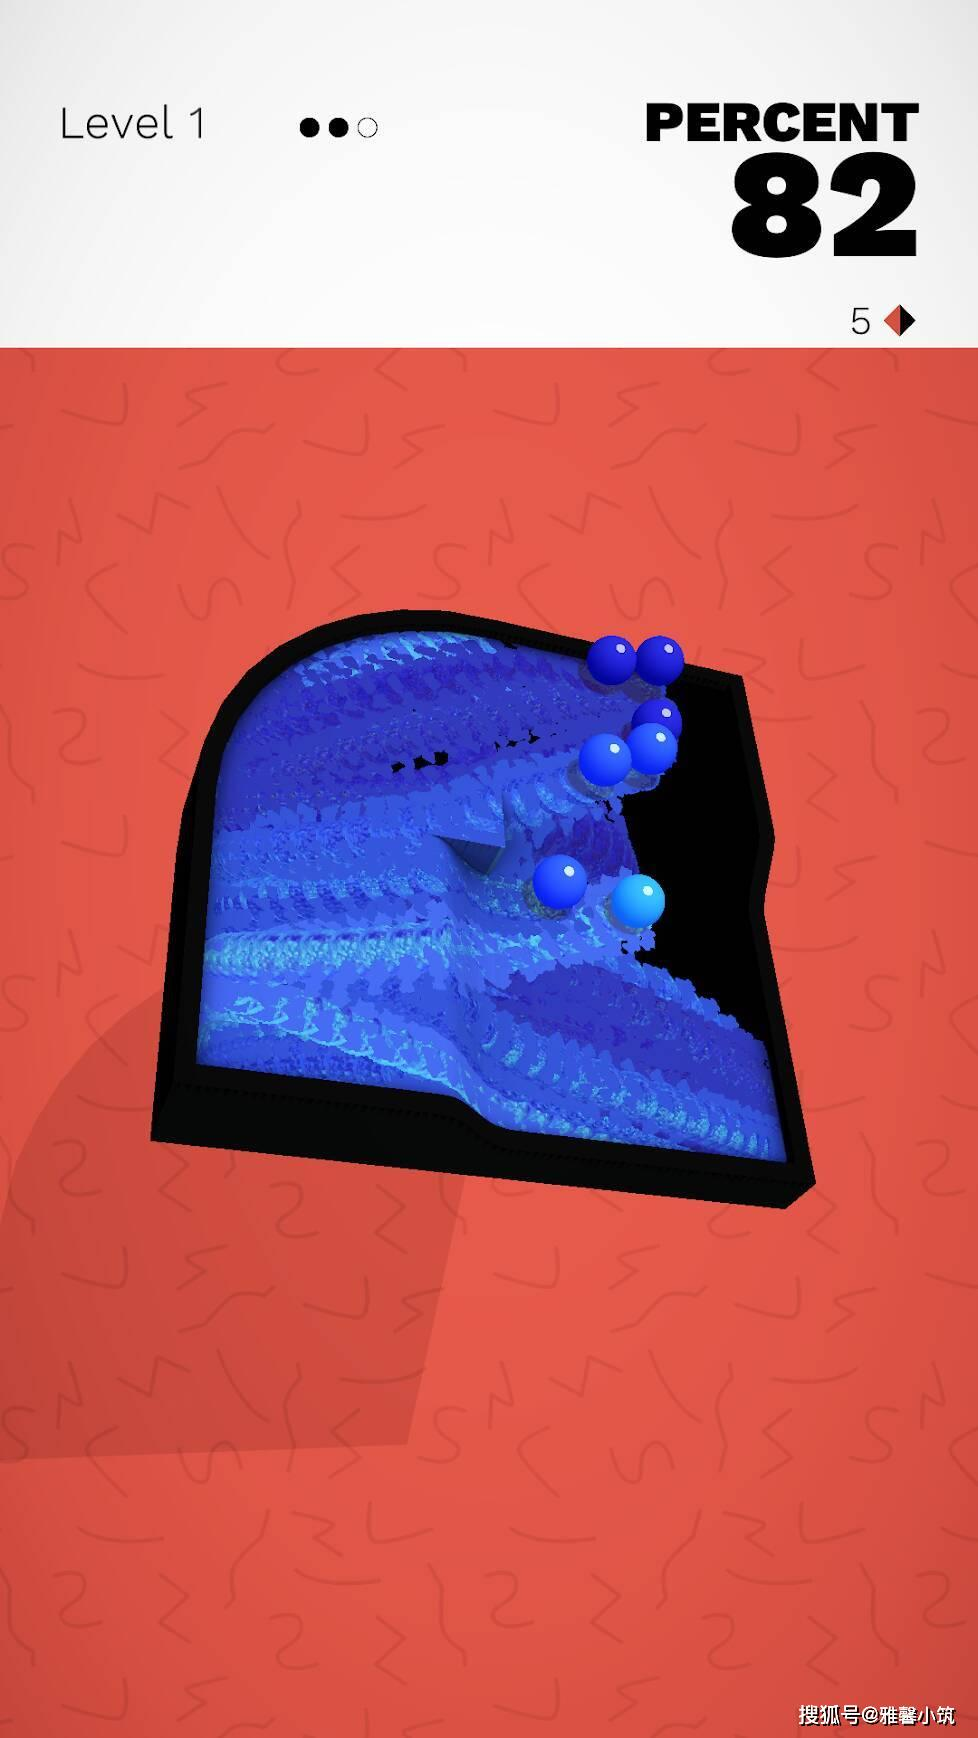 滚动小球益智上色游戏《Kolorit!》描绘属于自己的色彩